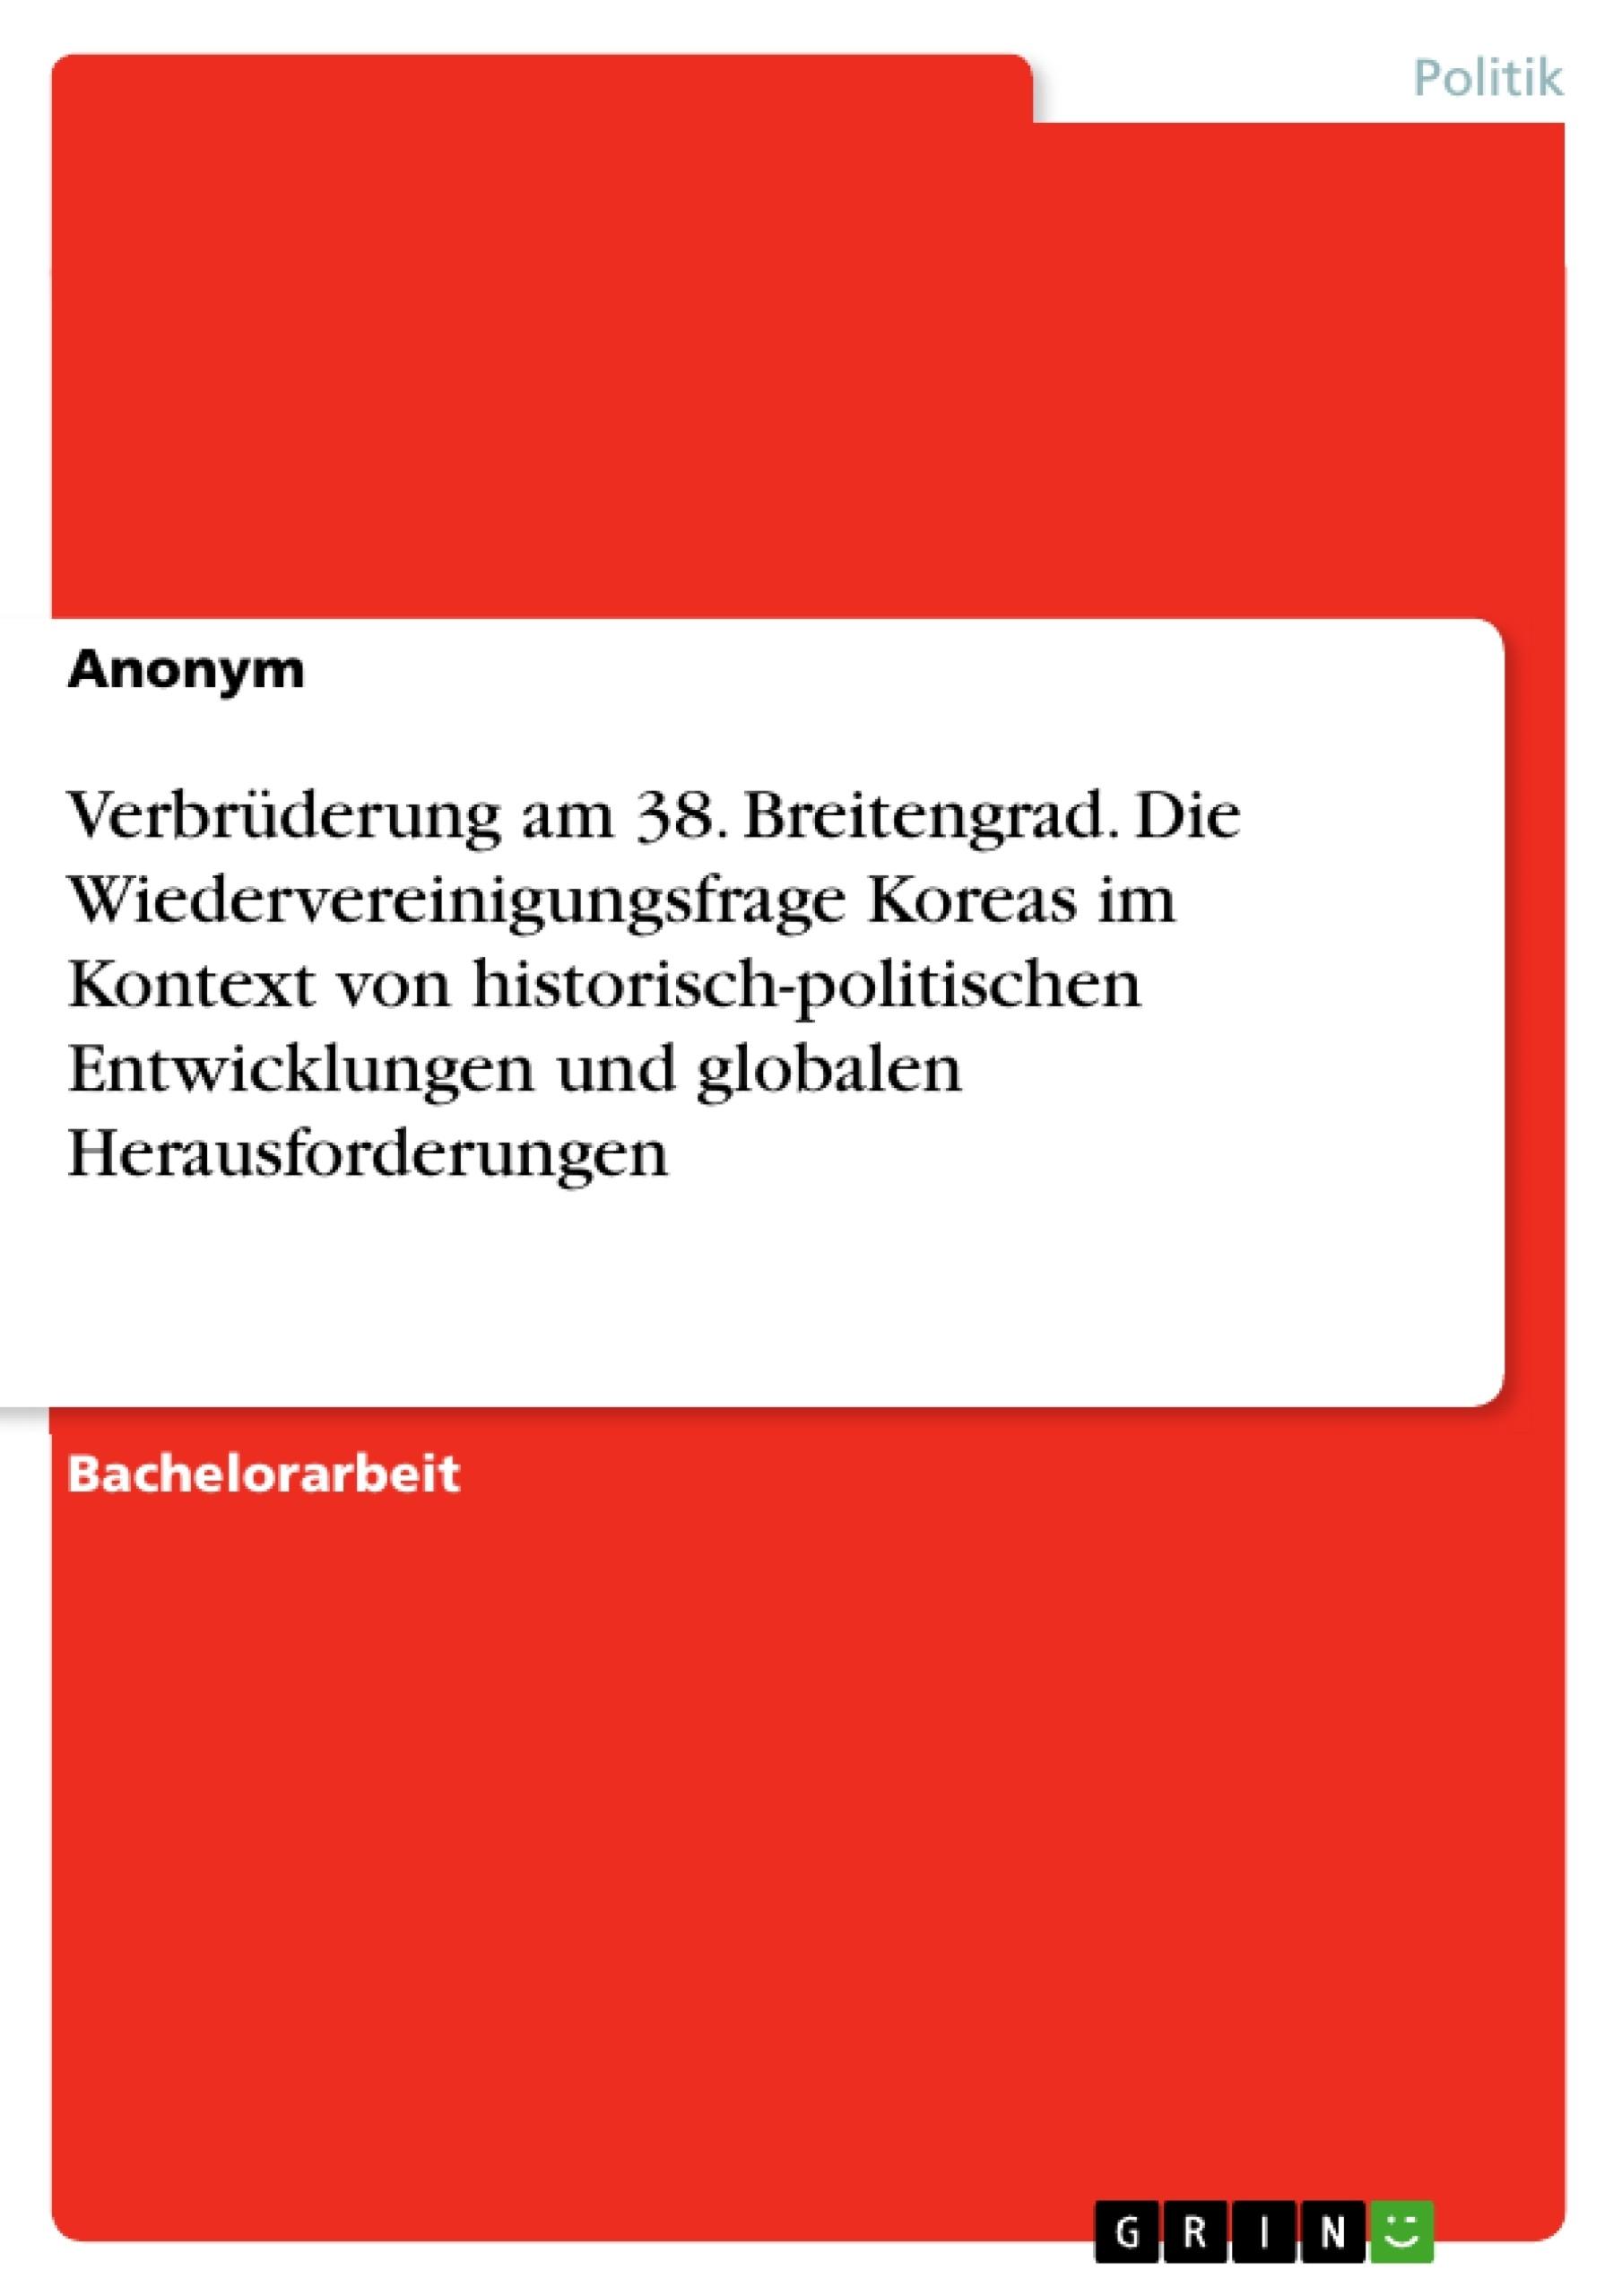 Titel: Verbrüderung am 38. Breitengrad. Die Wiedervereinigungsfrage Koreas im Kontext von historisch-politischen Entwicklungen und globalen Herausforderungen